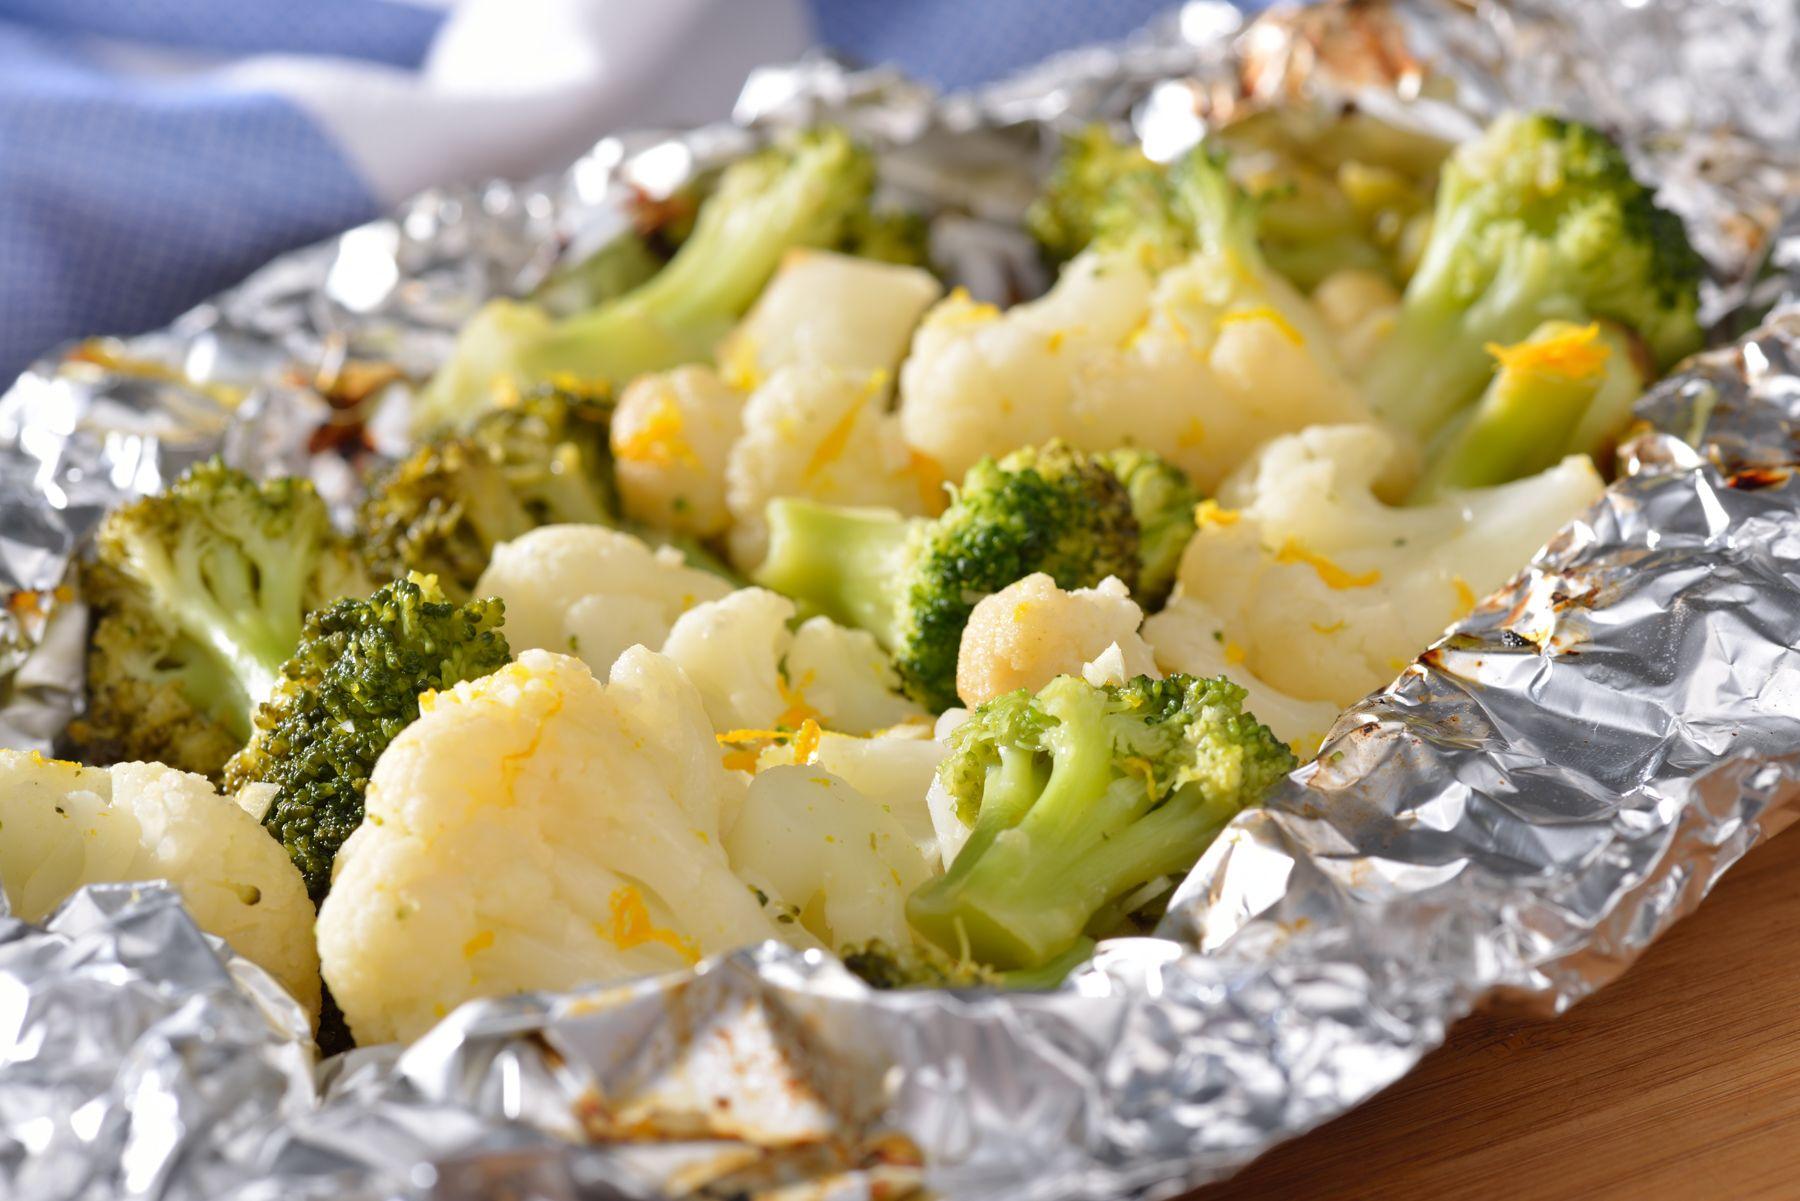 Grilled orange glazed broccoli cauliflower birdseye